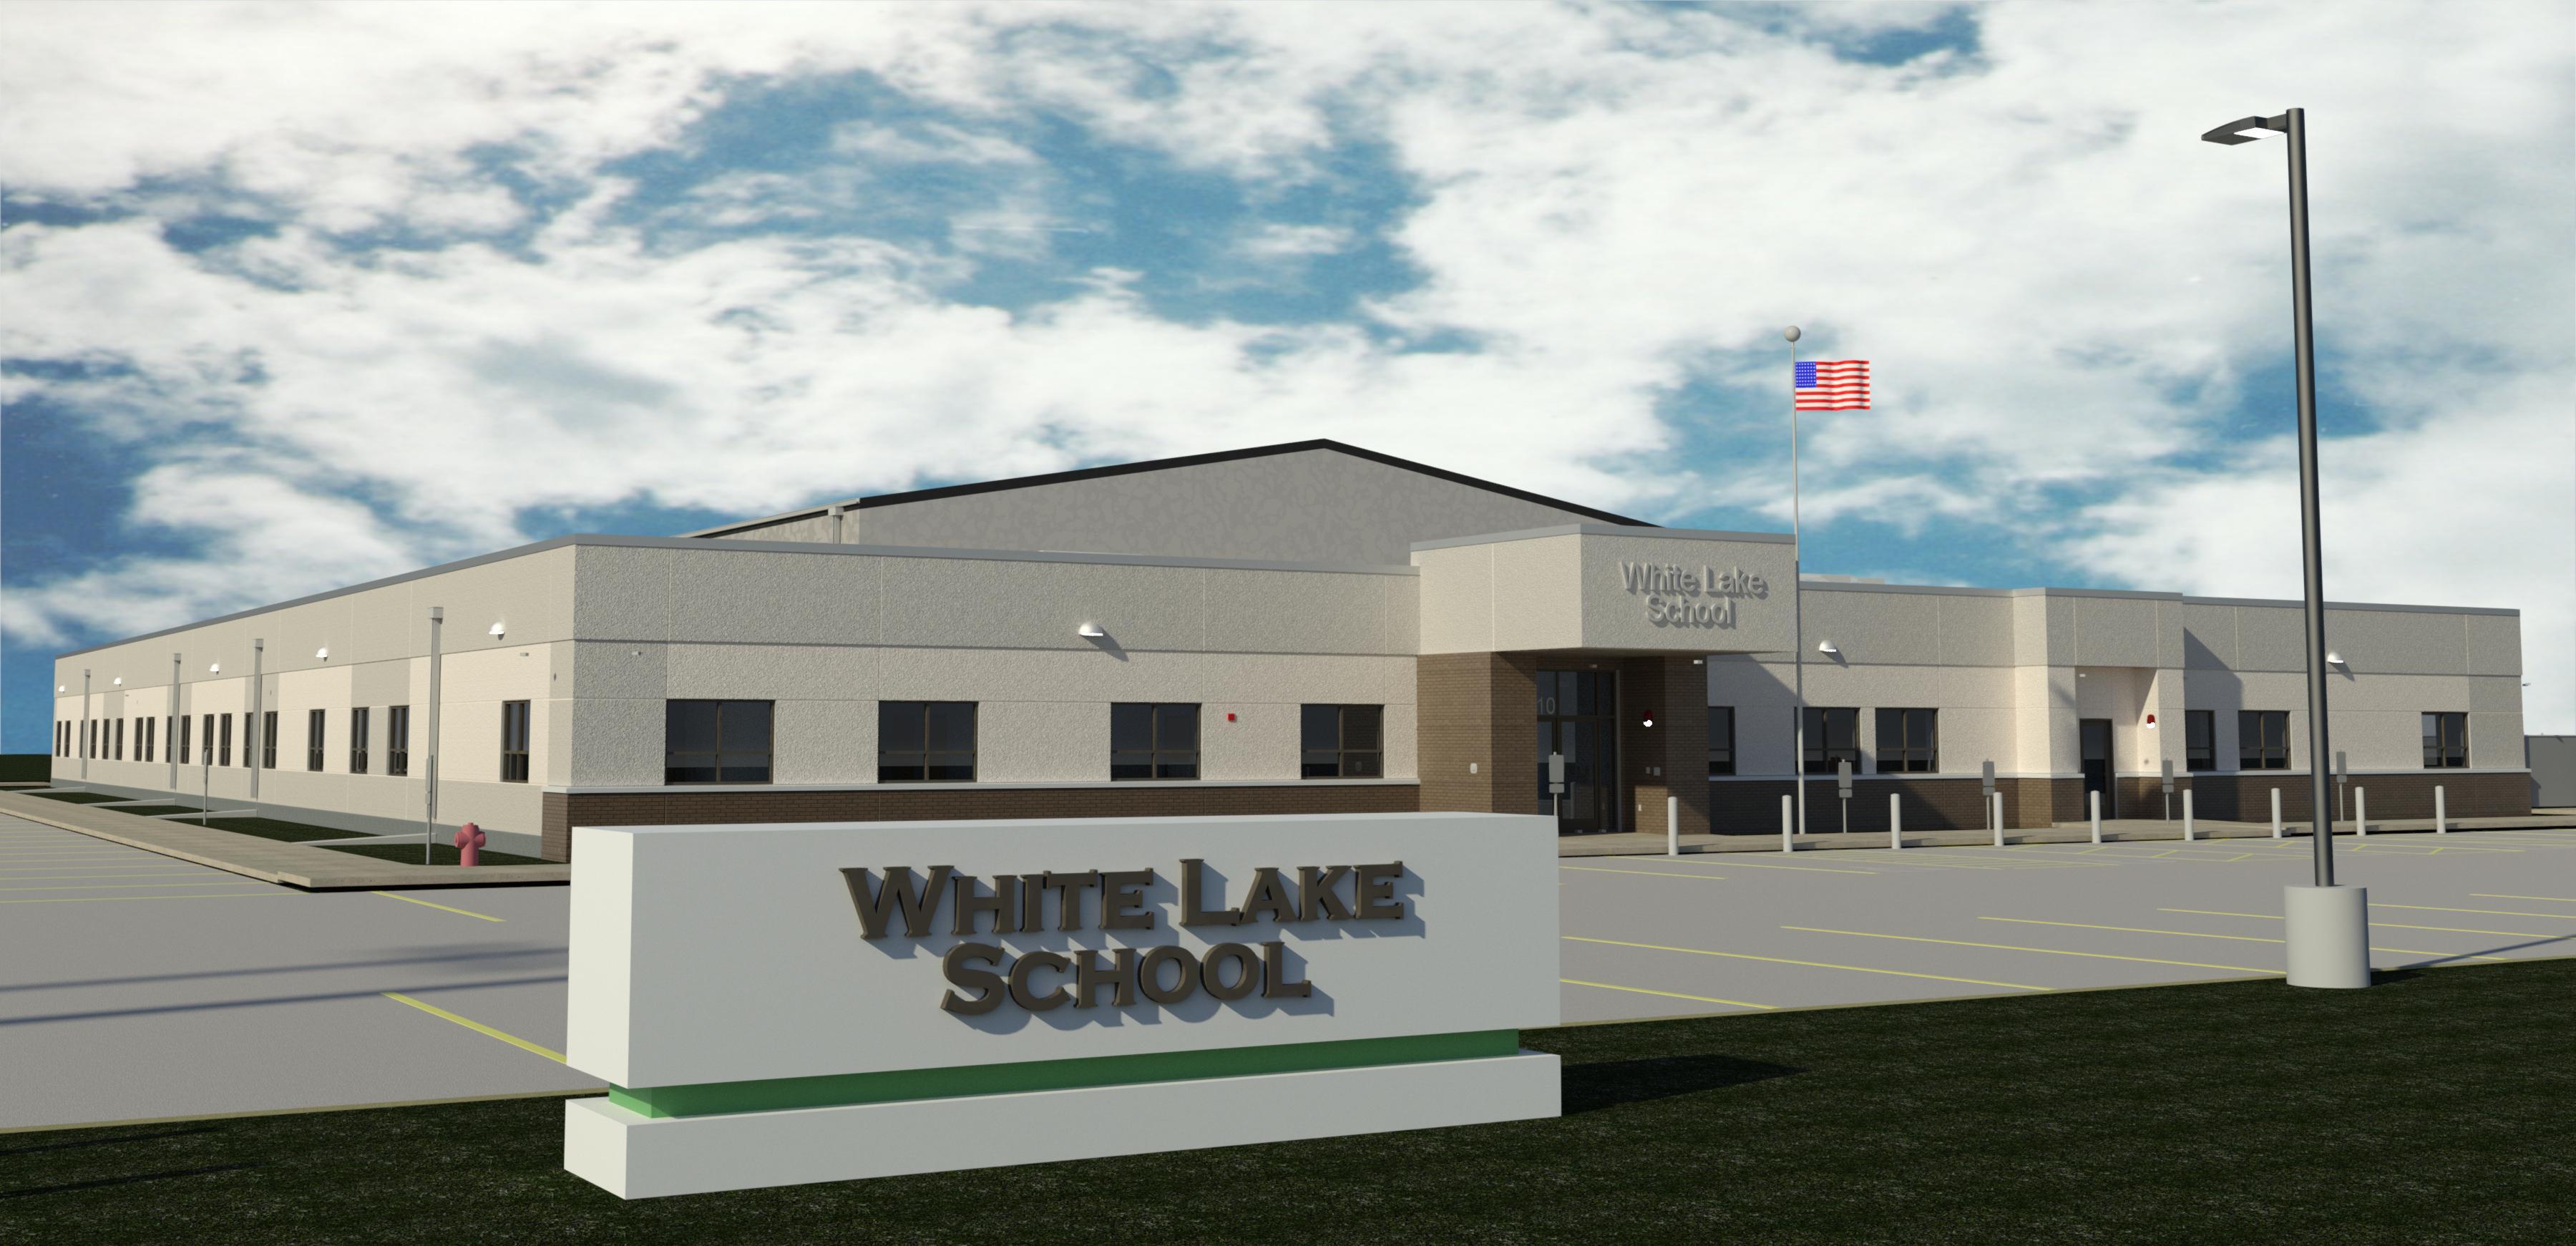 White Lake School